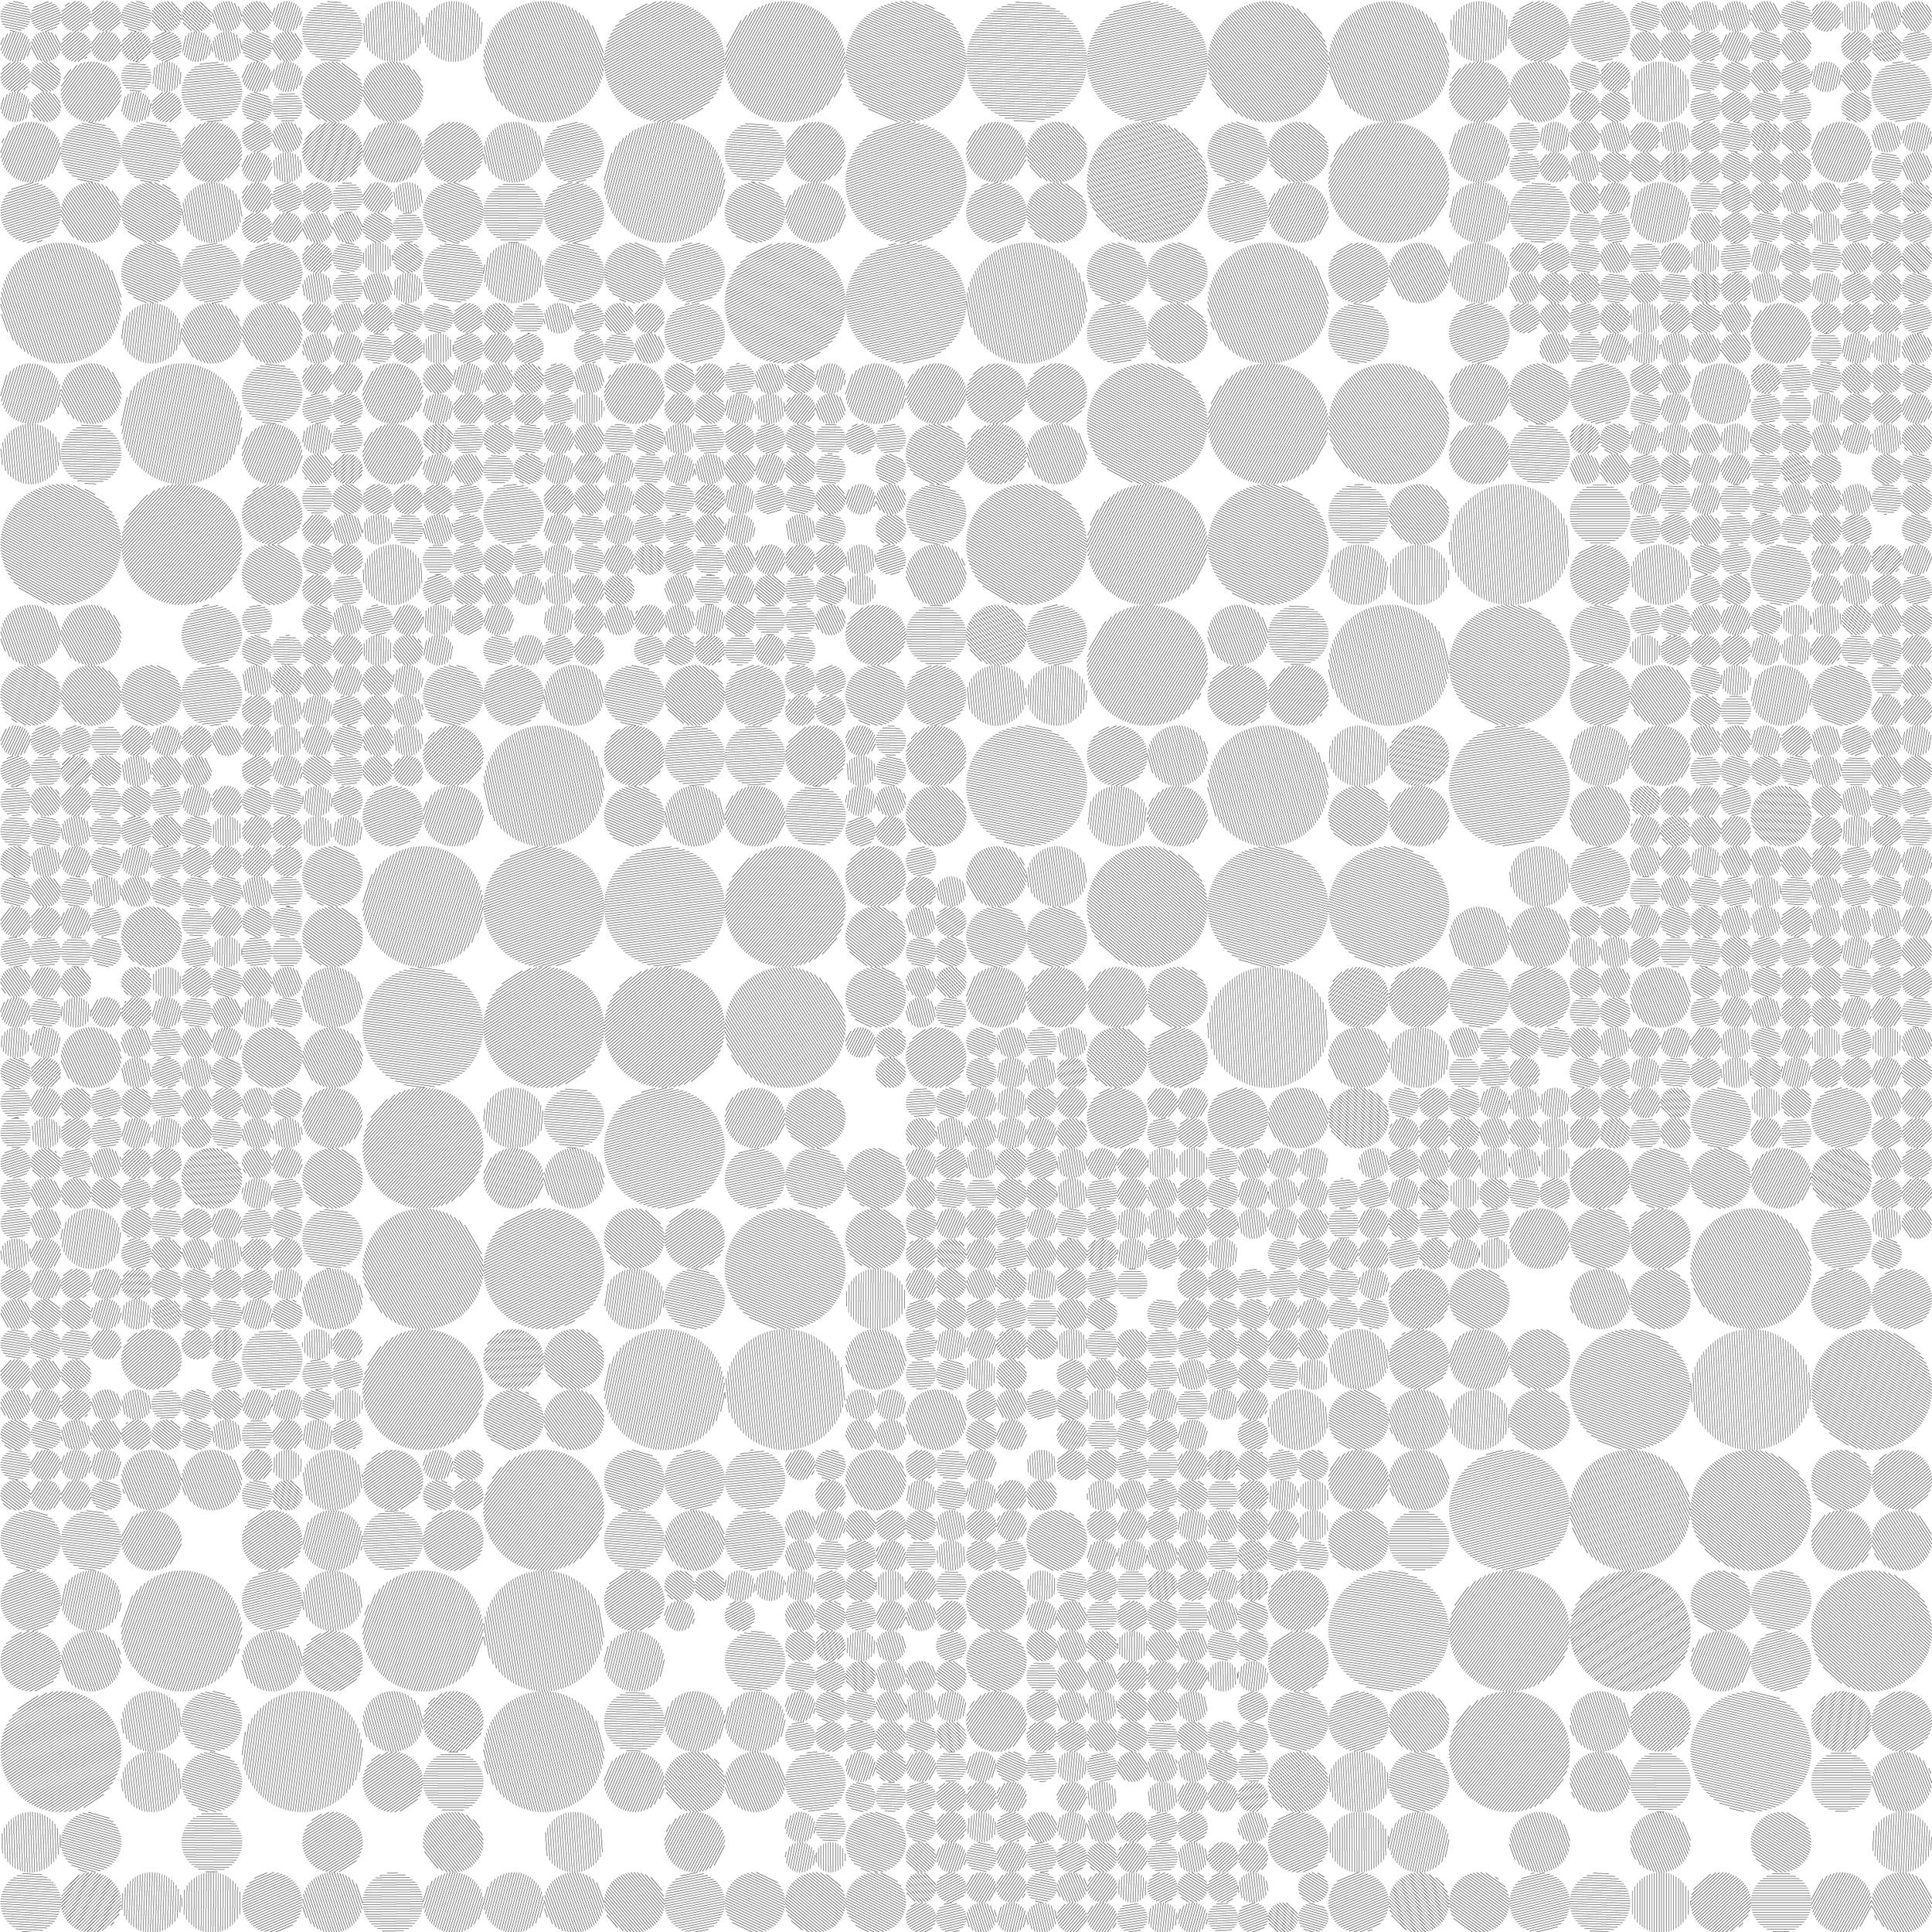 2019 02 23 rotating circle lines_01.png